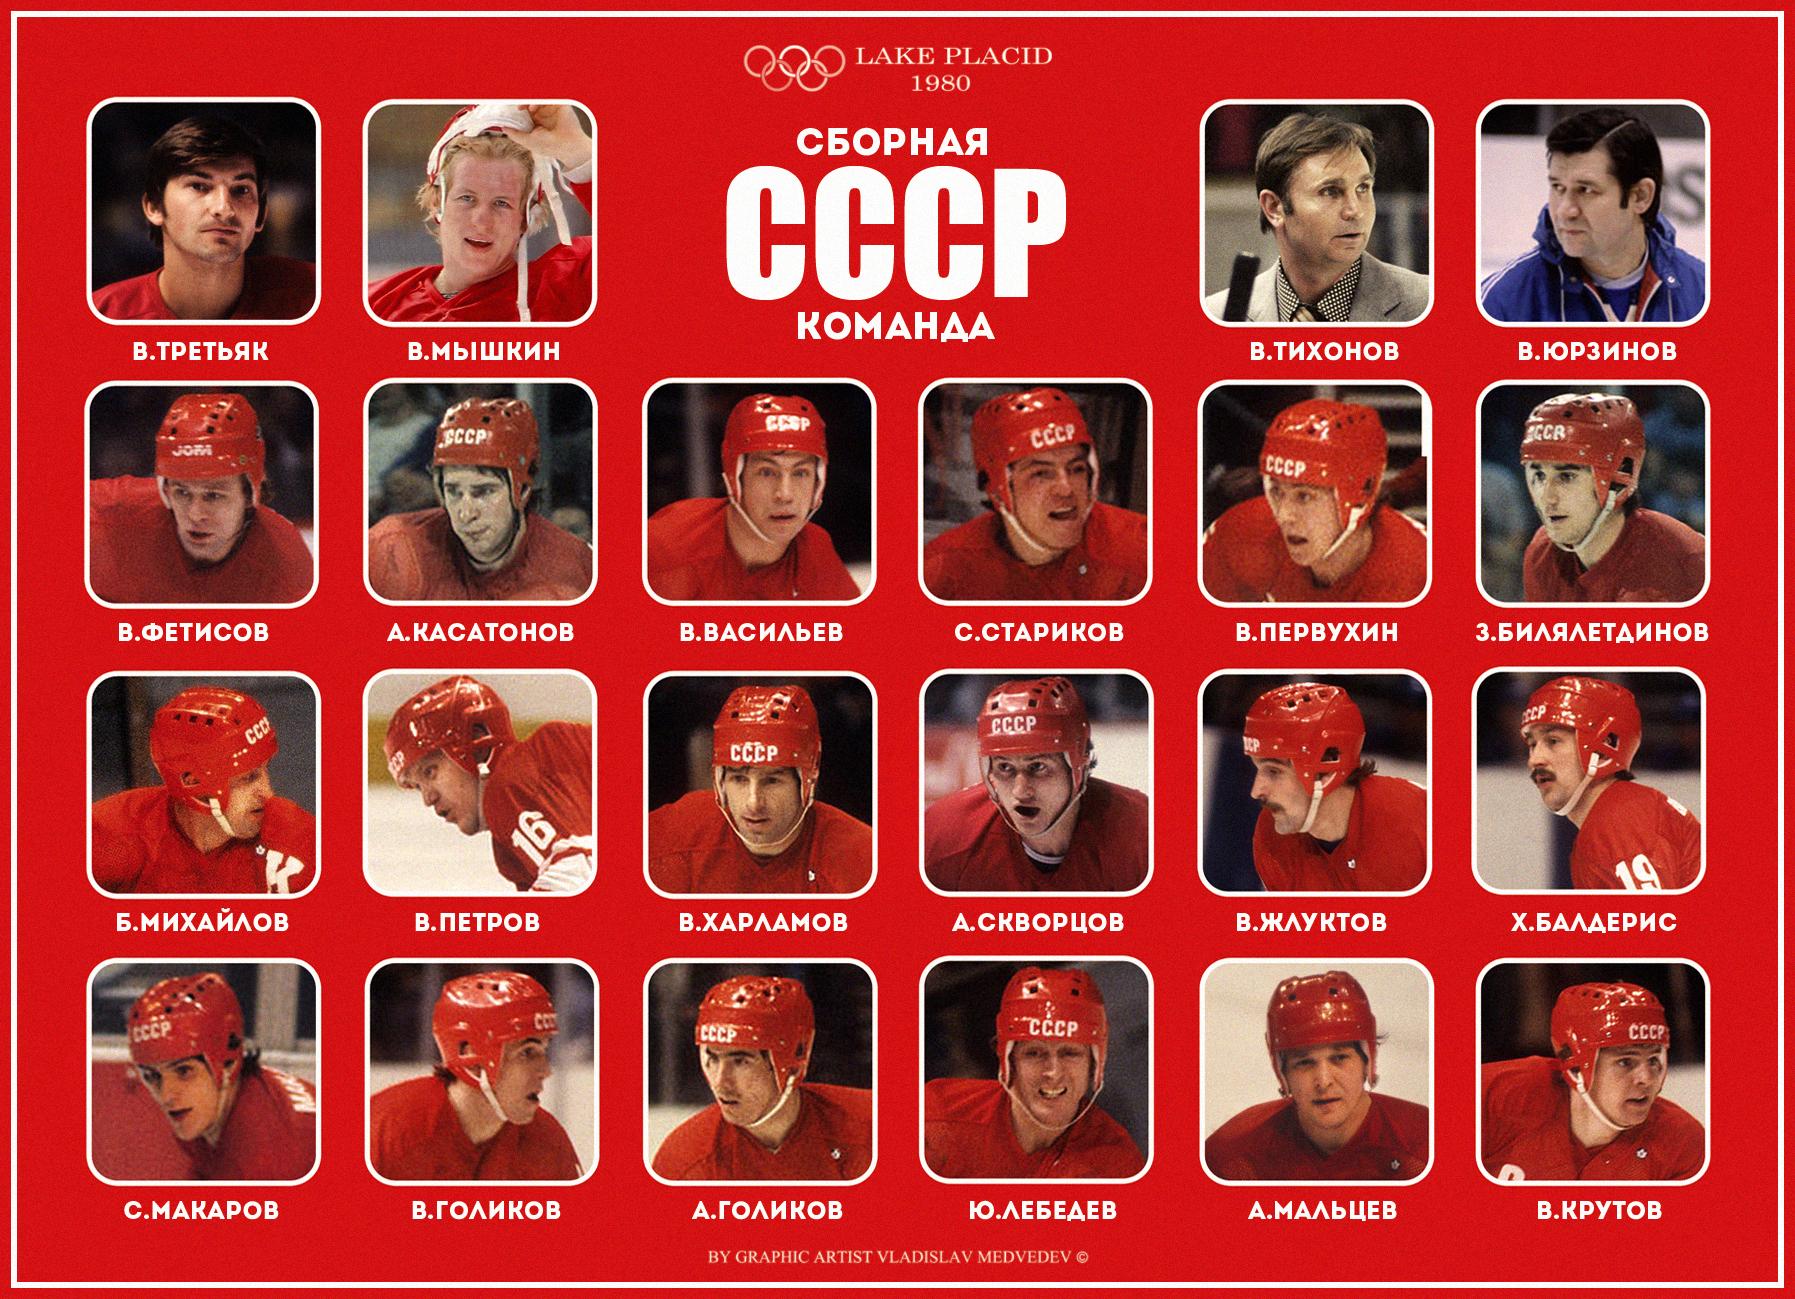 СБОРНАЯ СССР 1980 1 вариант.jpg